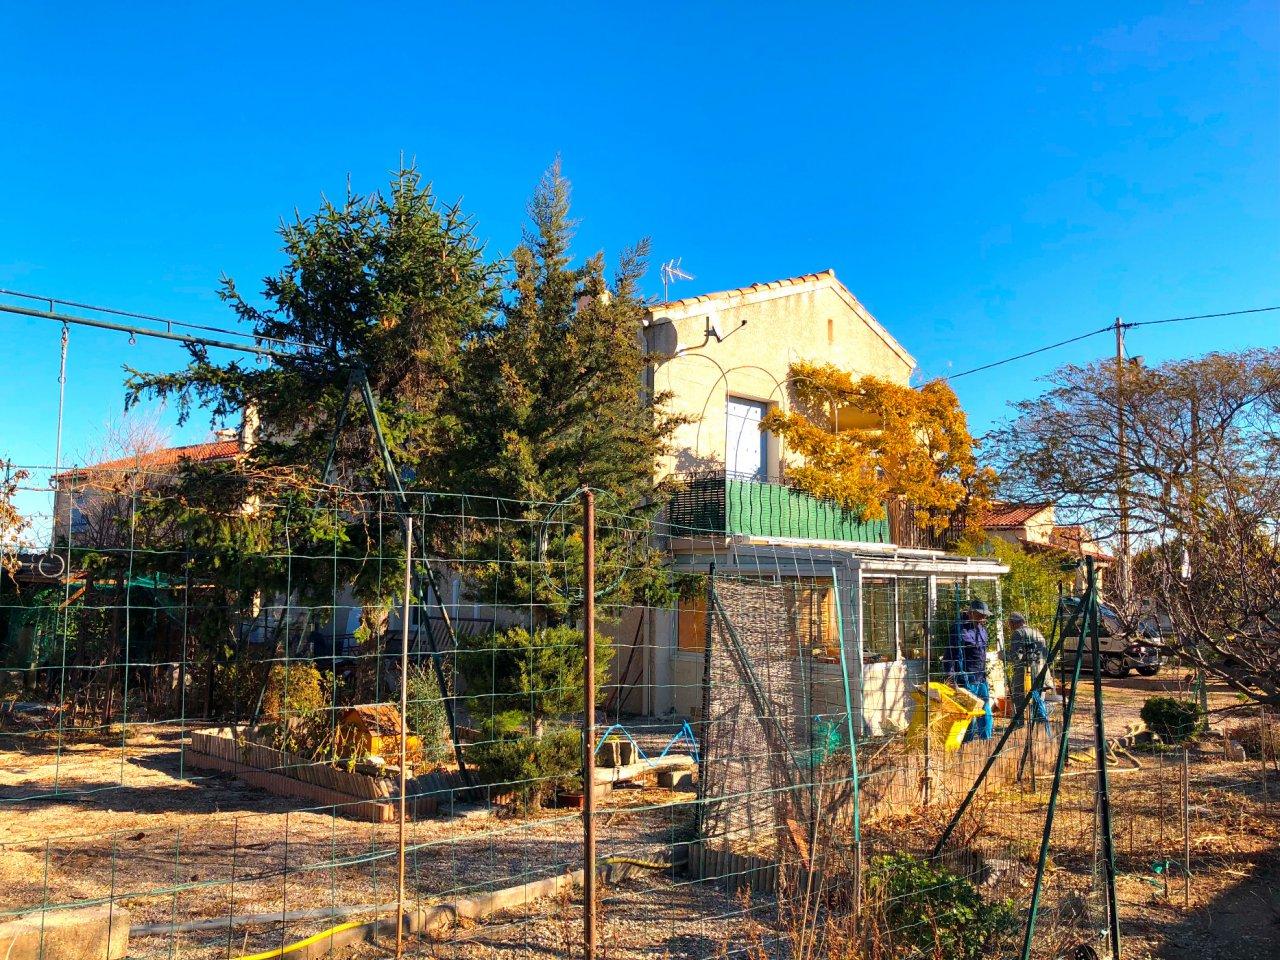 Vente Maison Ch 226 Teauneuf Les Martigues 13220 Sur Le Partenaire